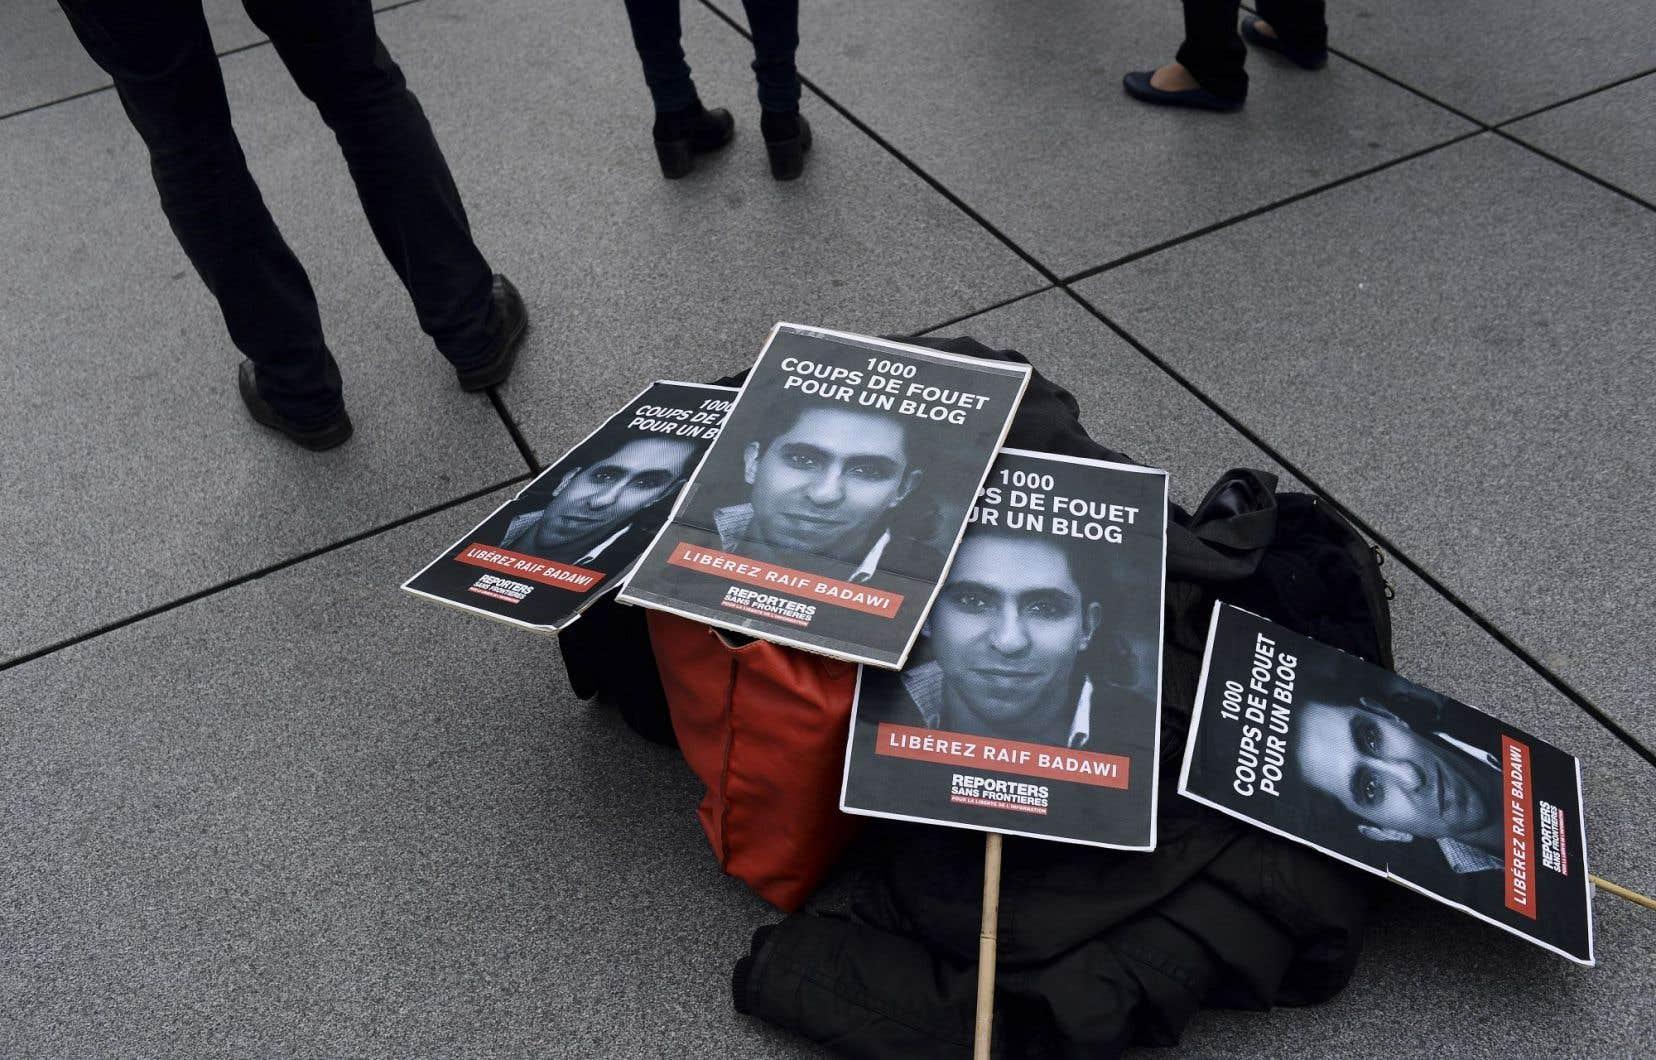 Partout dans le monde, d'autres voix ont demandé à l'Arabie saoudite de libérer Raïf Badawi.